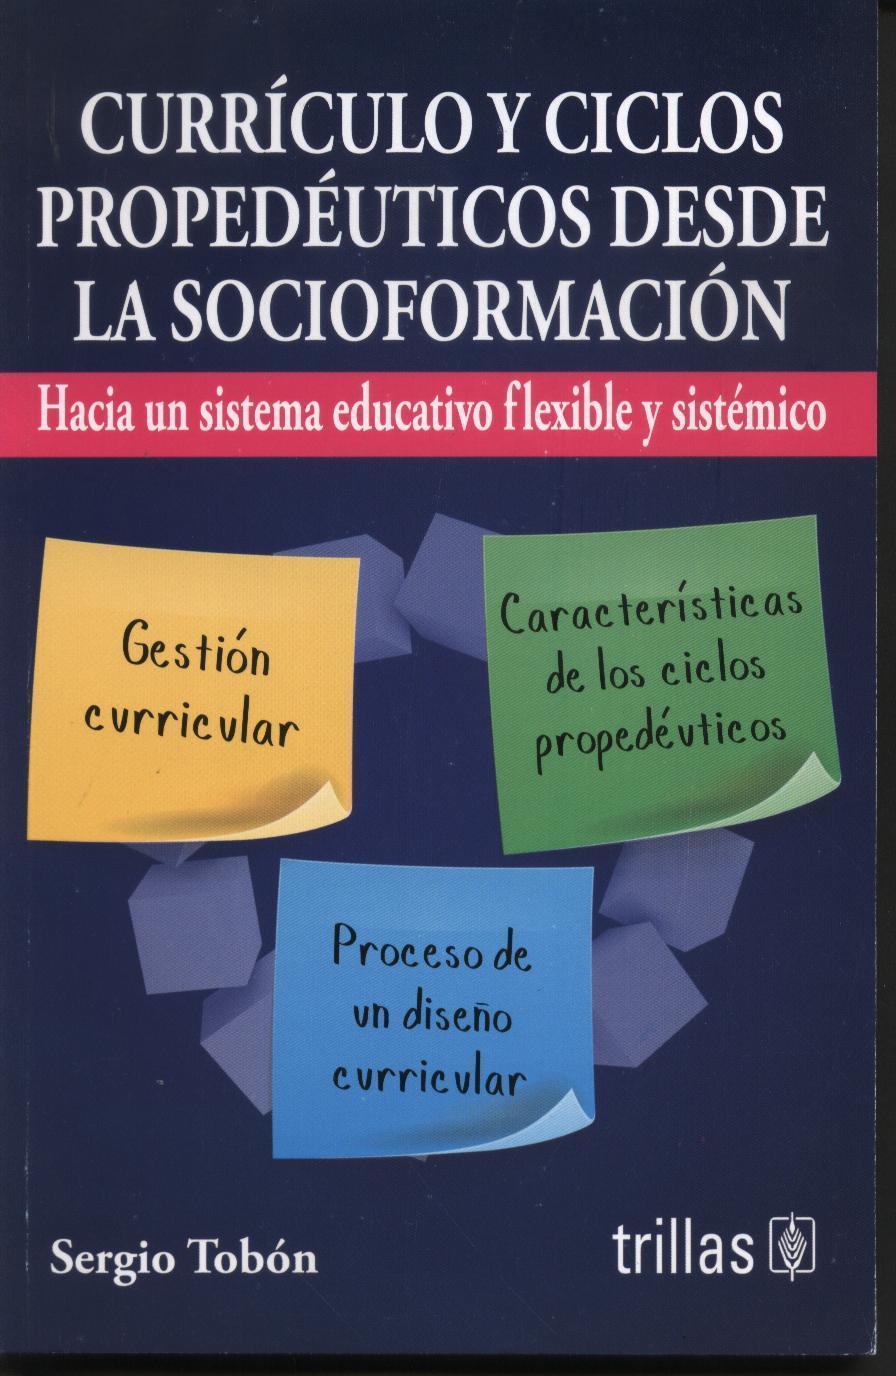 Currículo y ciclos propedéuticos desde la socioformación